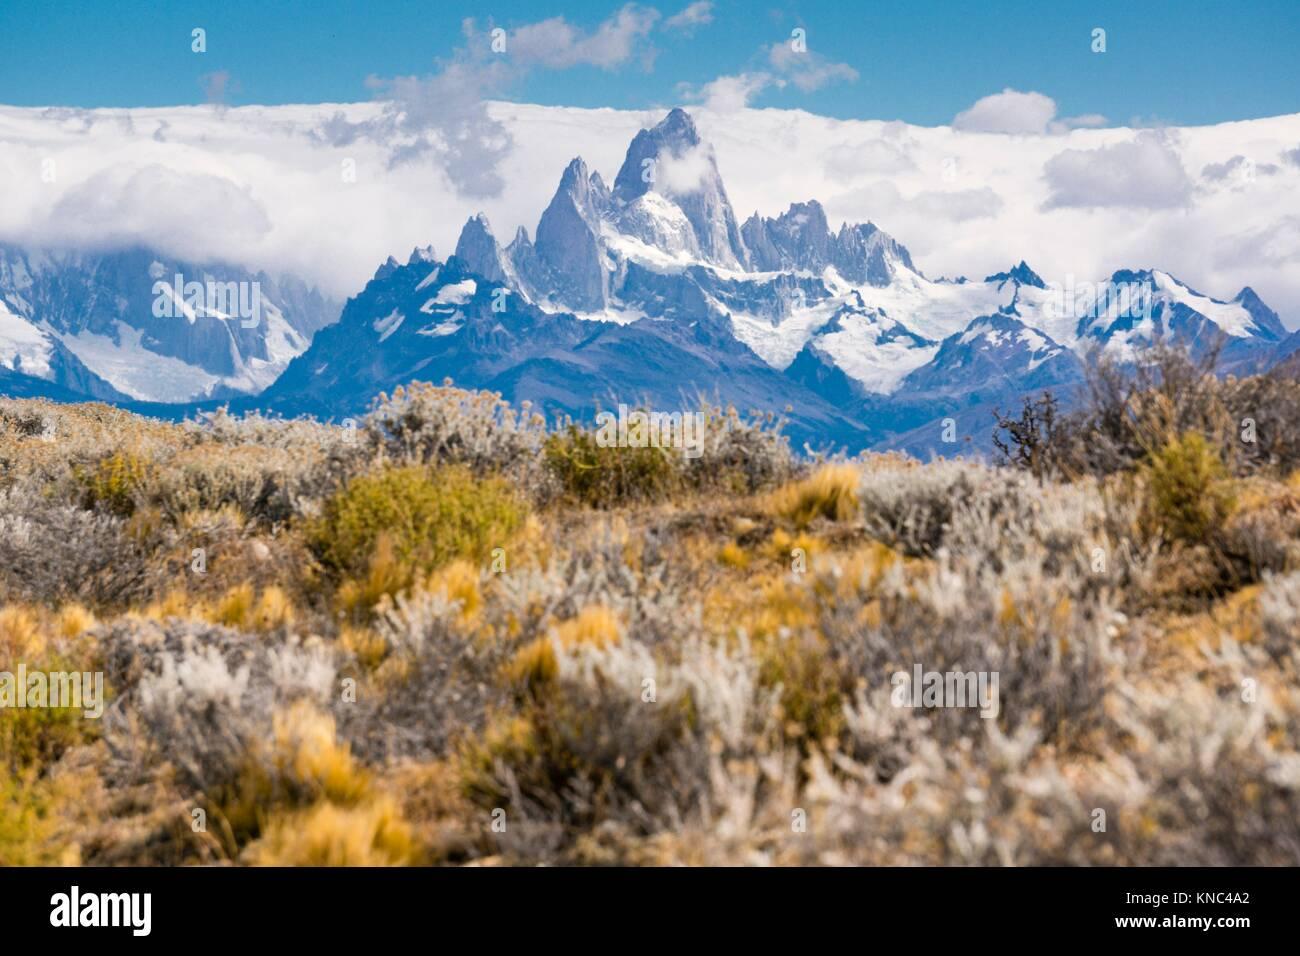 Le mont Fitz Roy, - Cerro Chaltén - 3405, métros, Parque Nacional Los Glaciares, en Patagonie, Argentine. Photo Stock